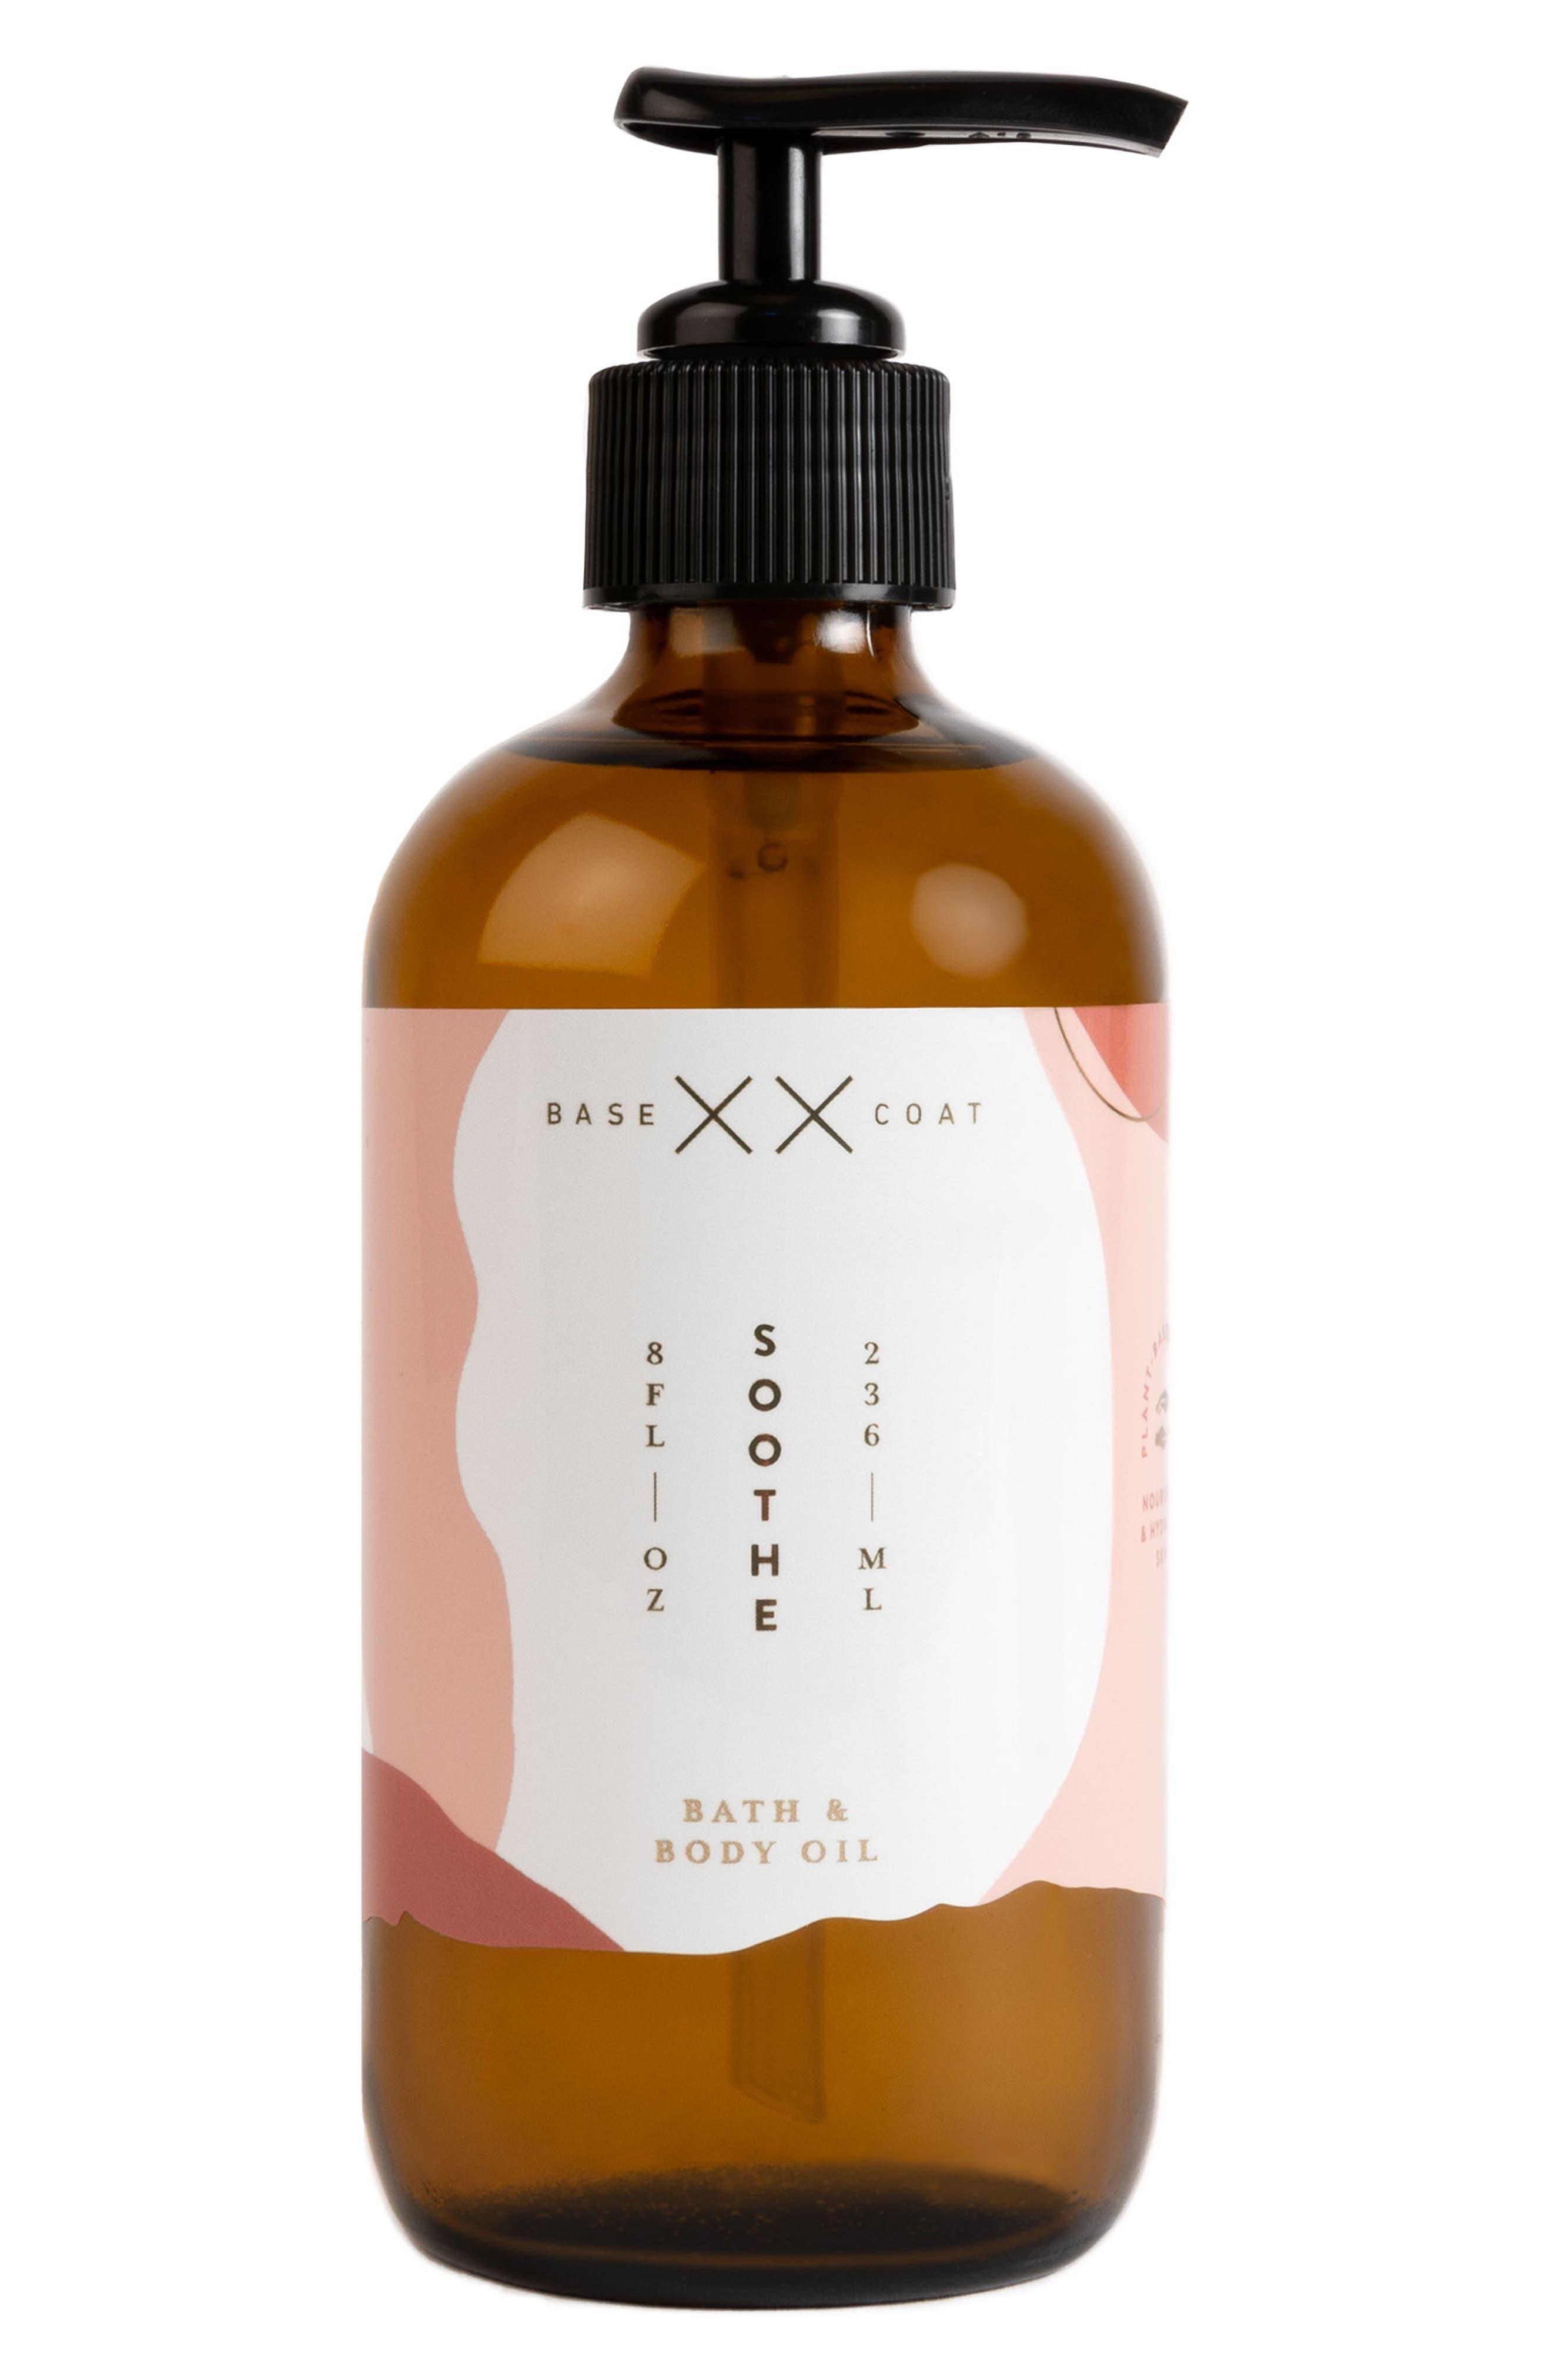 Bath & Body Oil